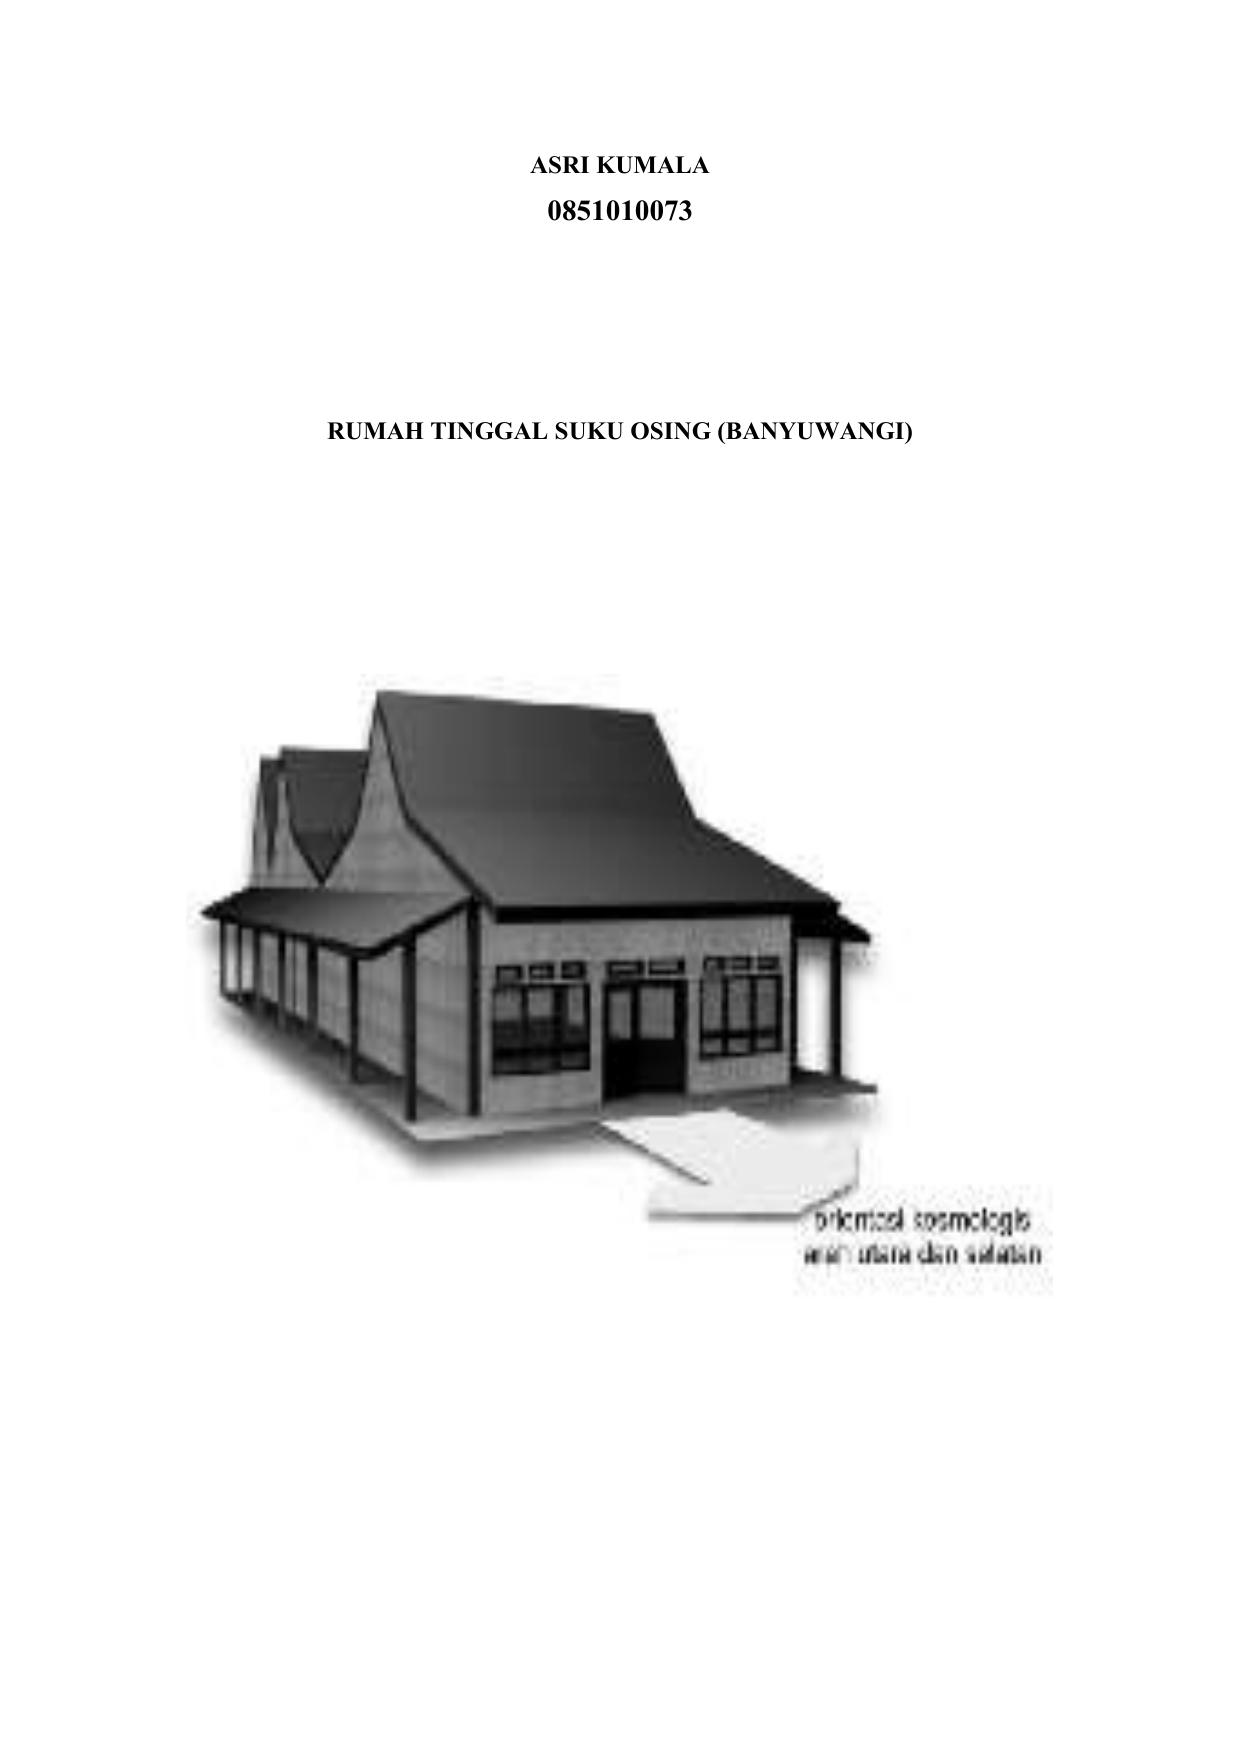 Asri Kumala 0851010073 Rumah Tinggal Suku Osing